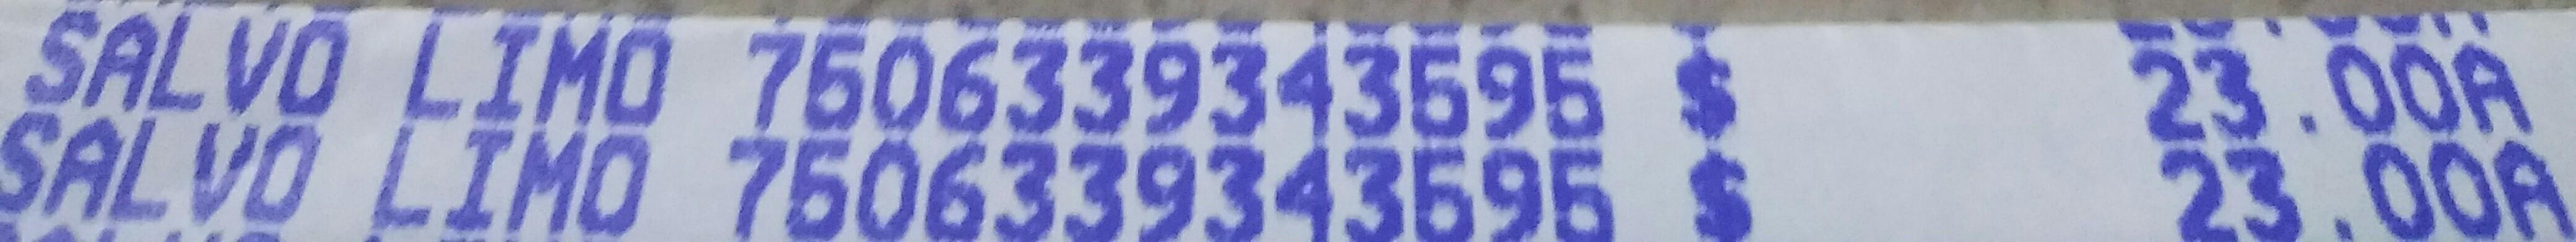 243216.jpg